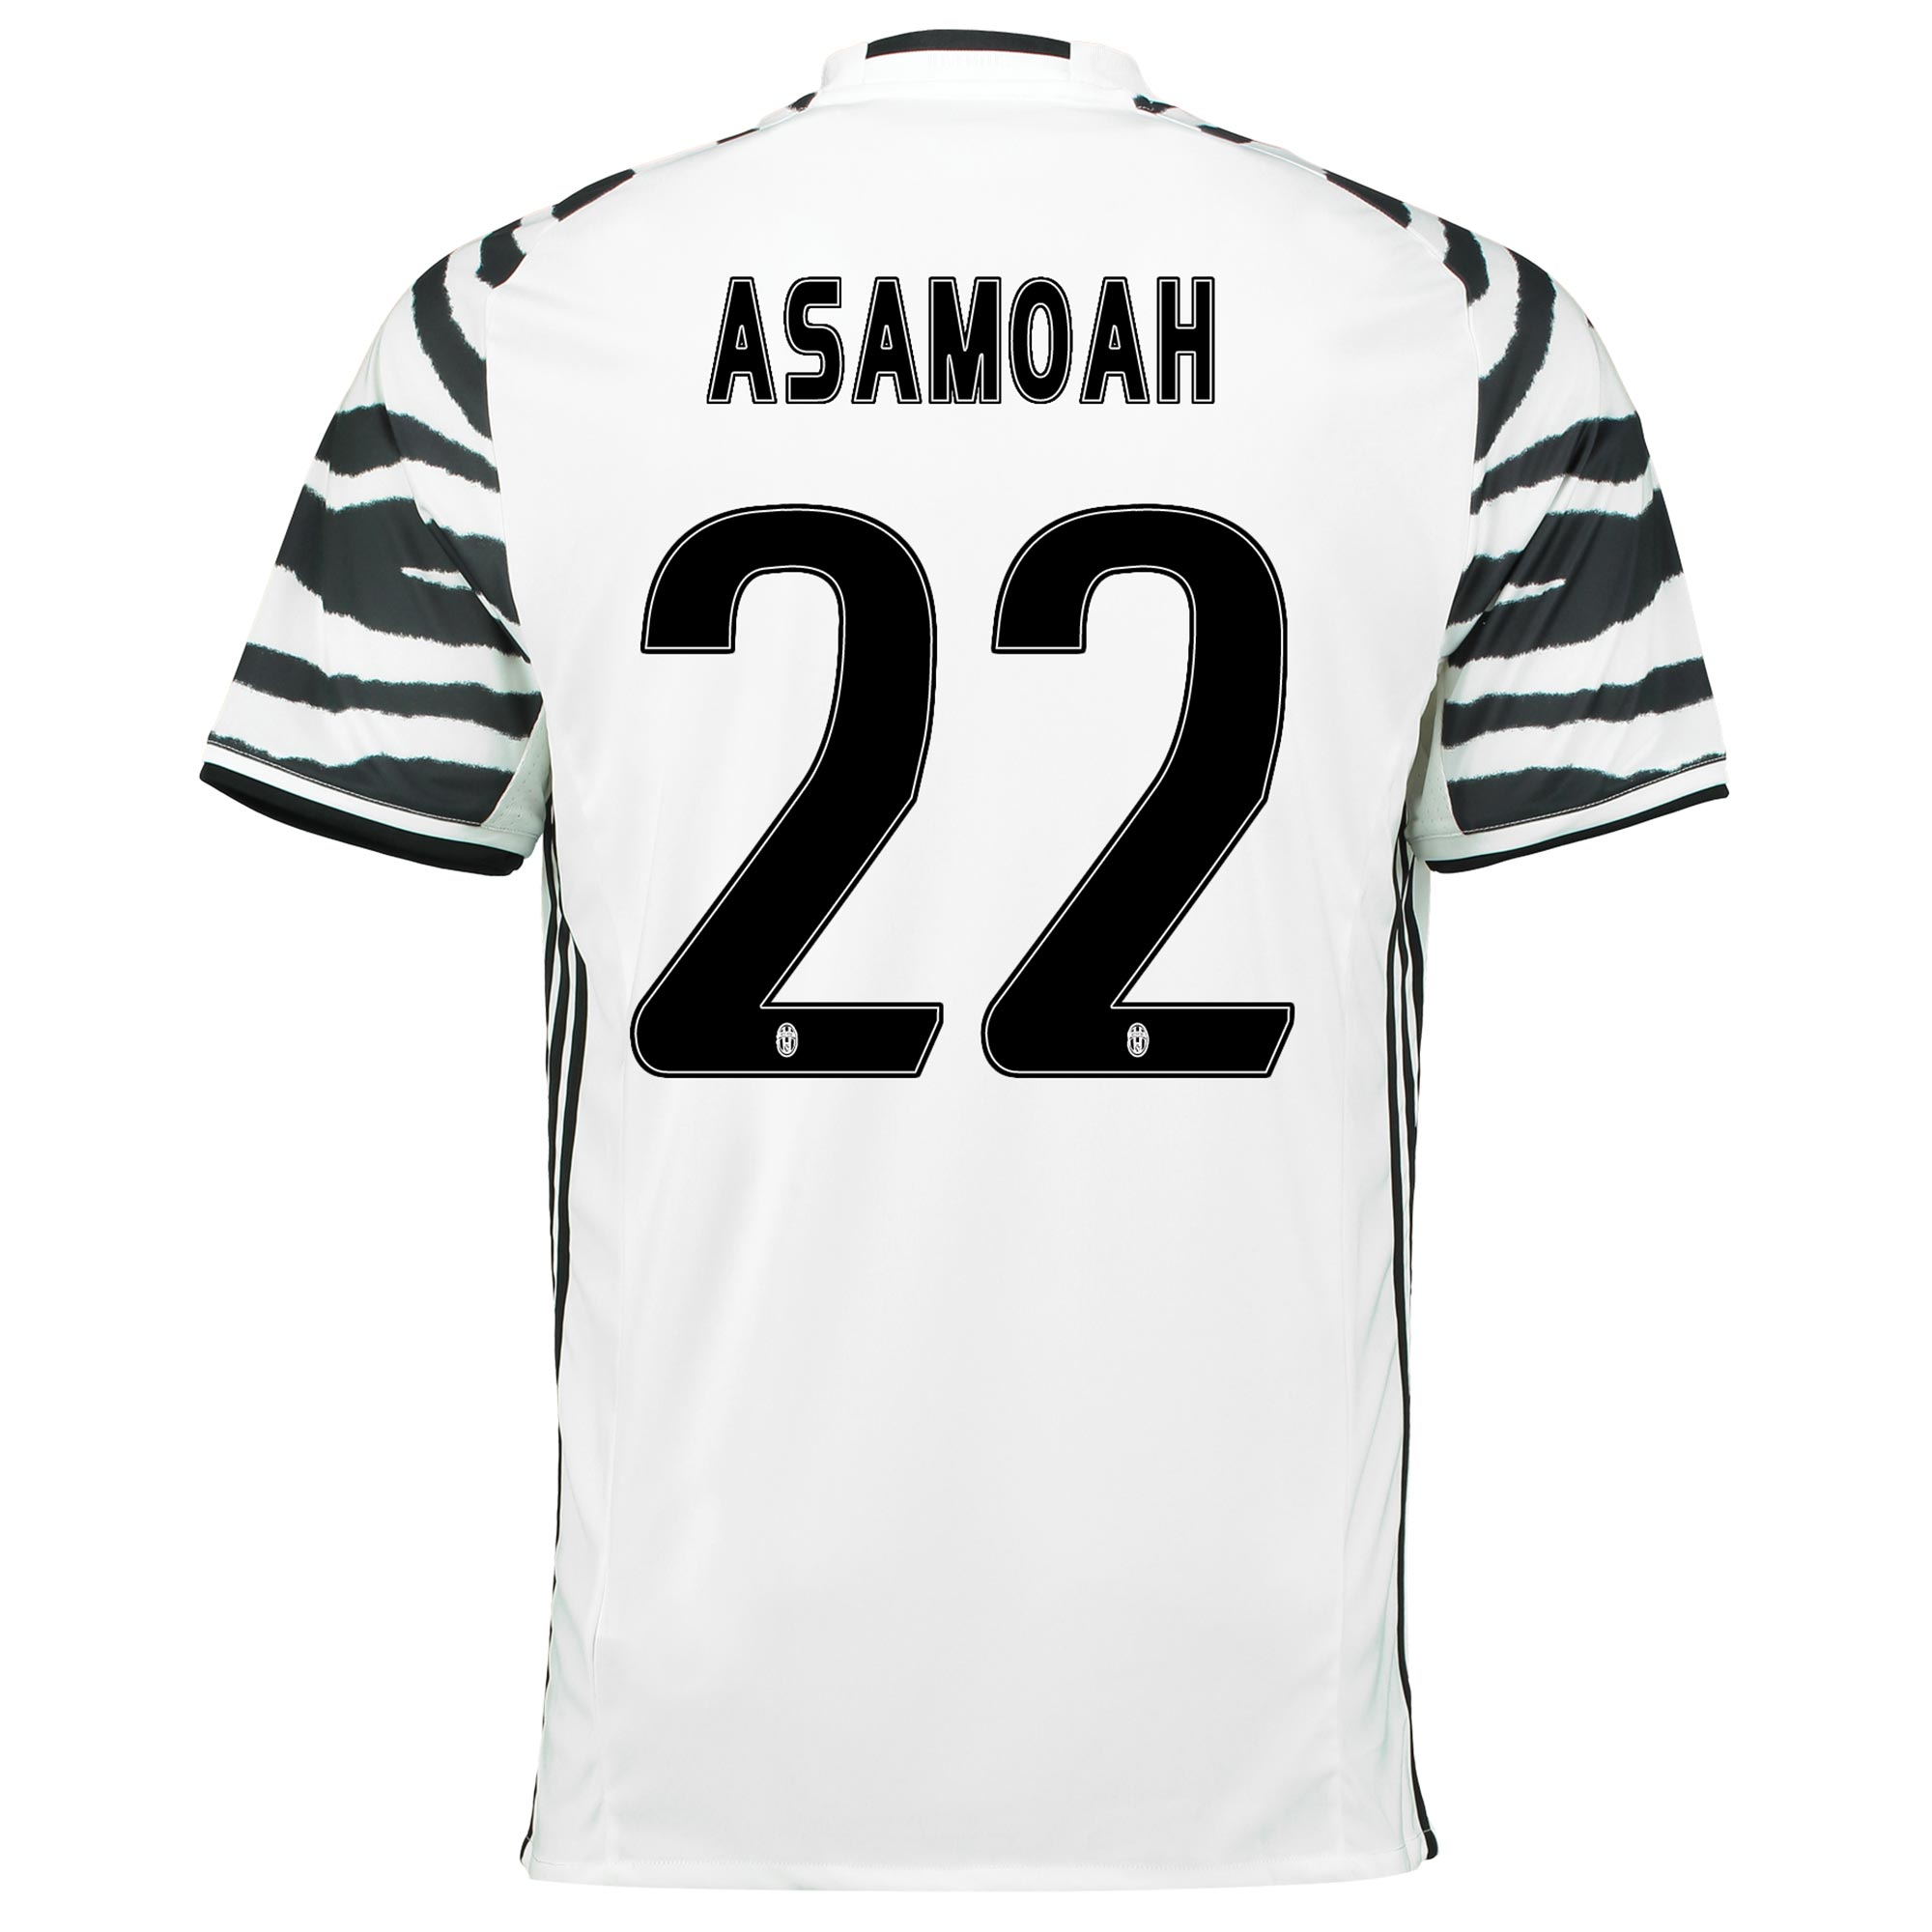 Image of Juventus Third Shirt 2016-17 with Asamoah 22 printing, White